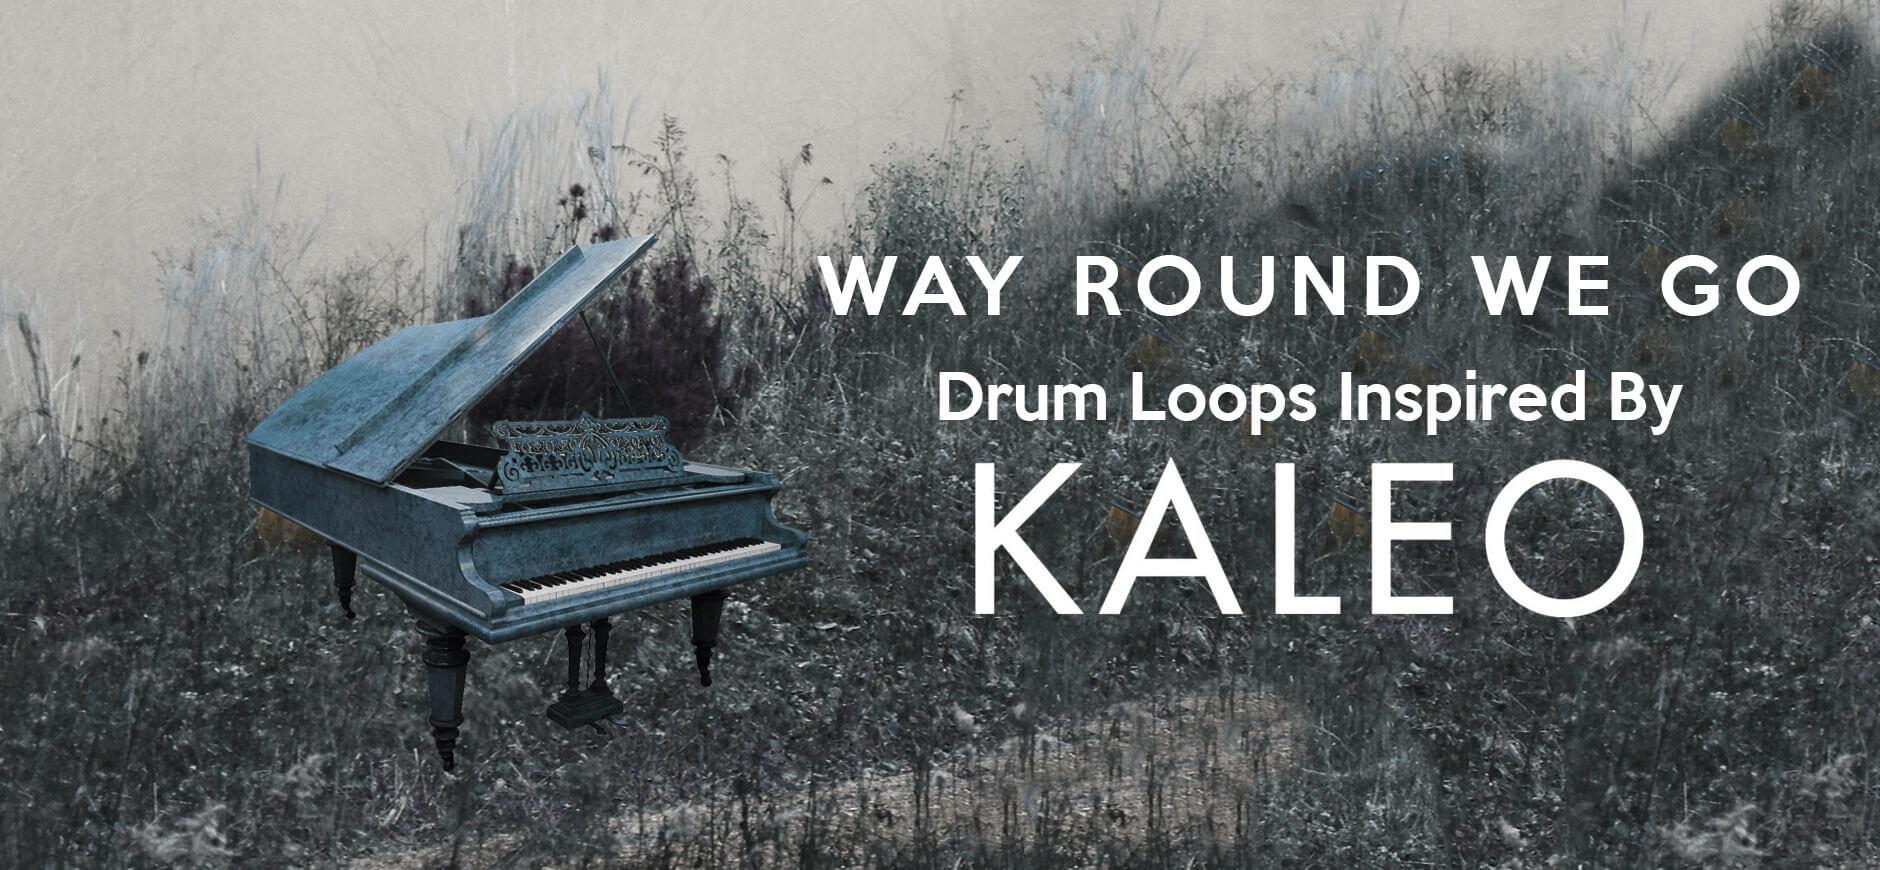 Way Down We Go Drum Loops Inspired by Kaleo